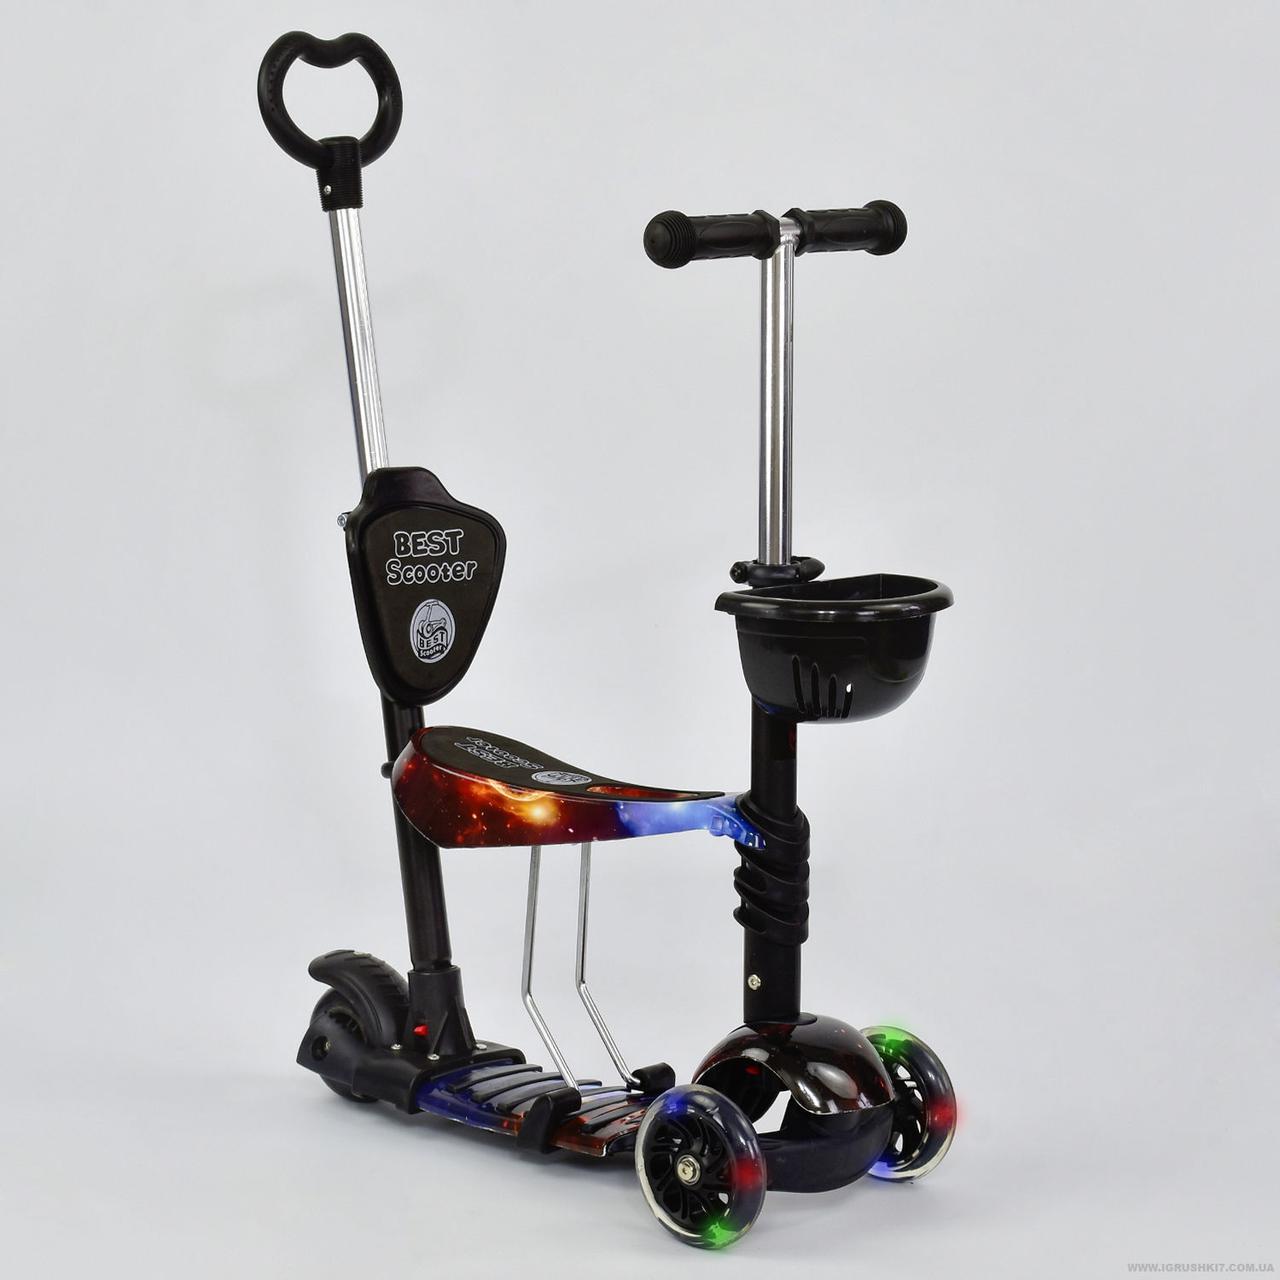 Самокат 5в1  А 24973 - 62010  Best Scooter АБСТРАКЦИЯ, колеса PU светящиеся